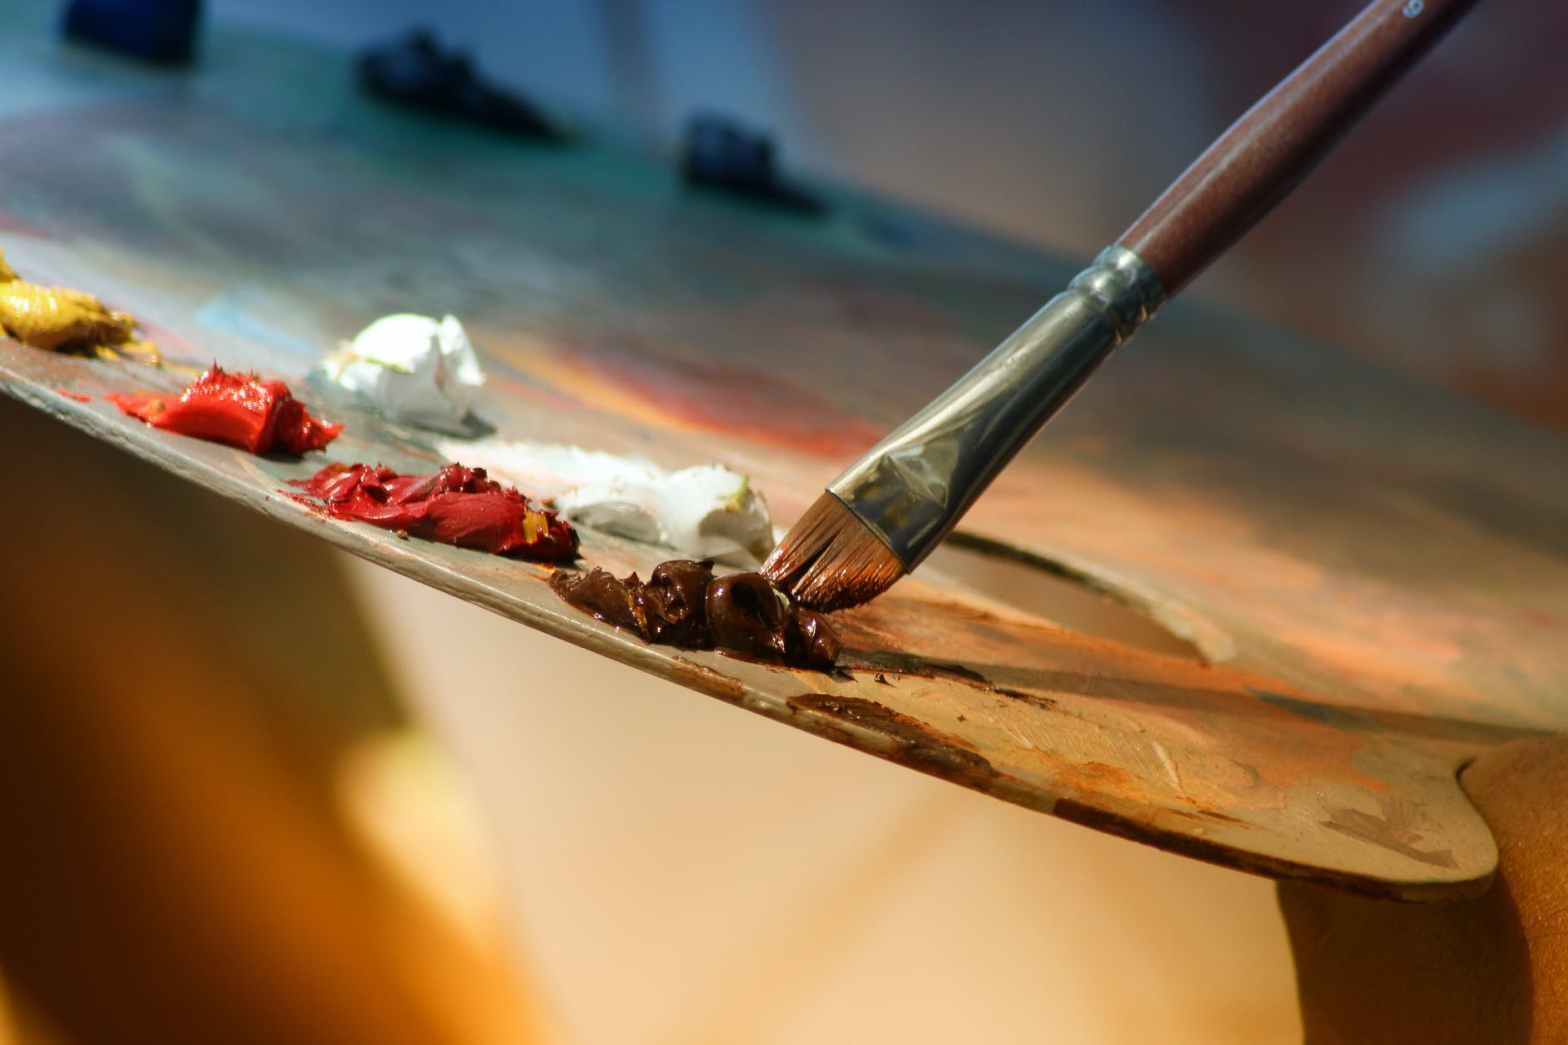 colores, texturas y formas...